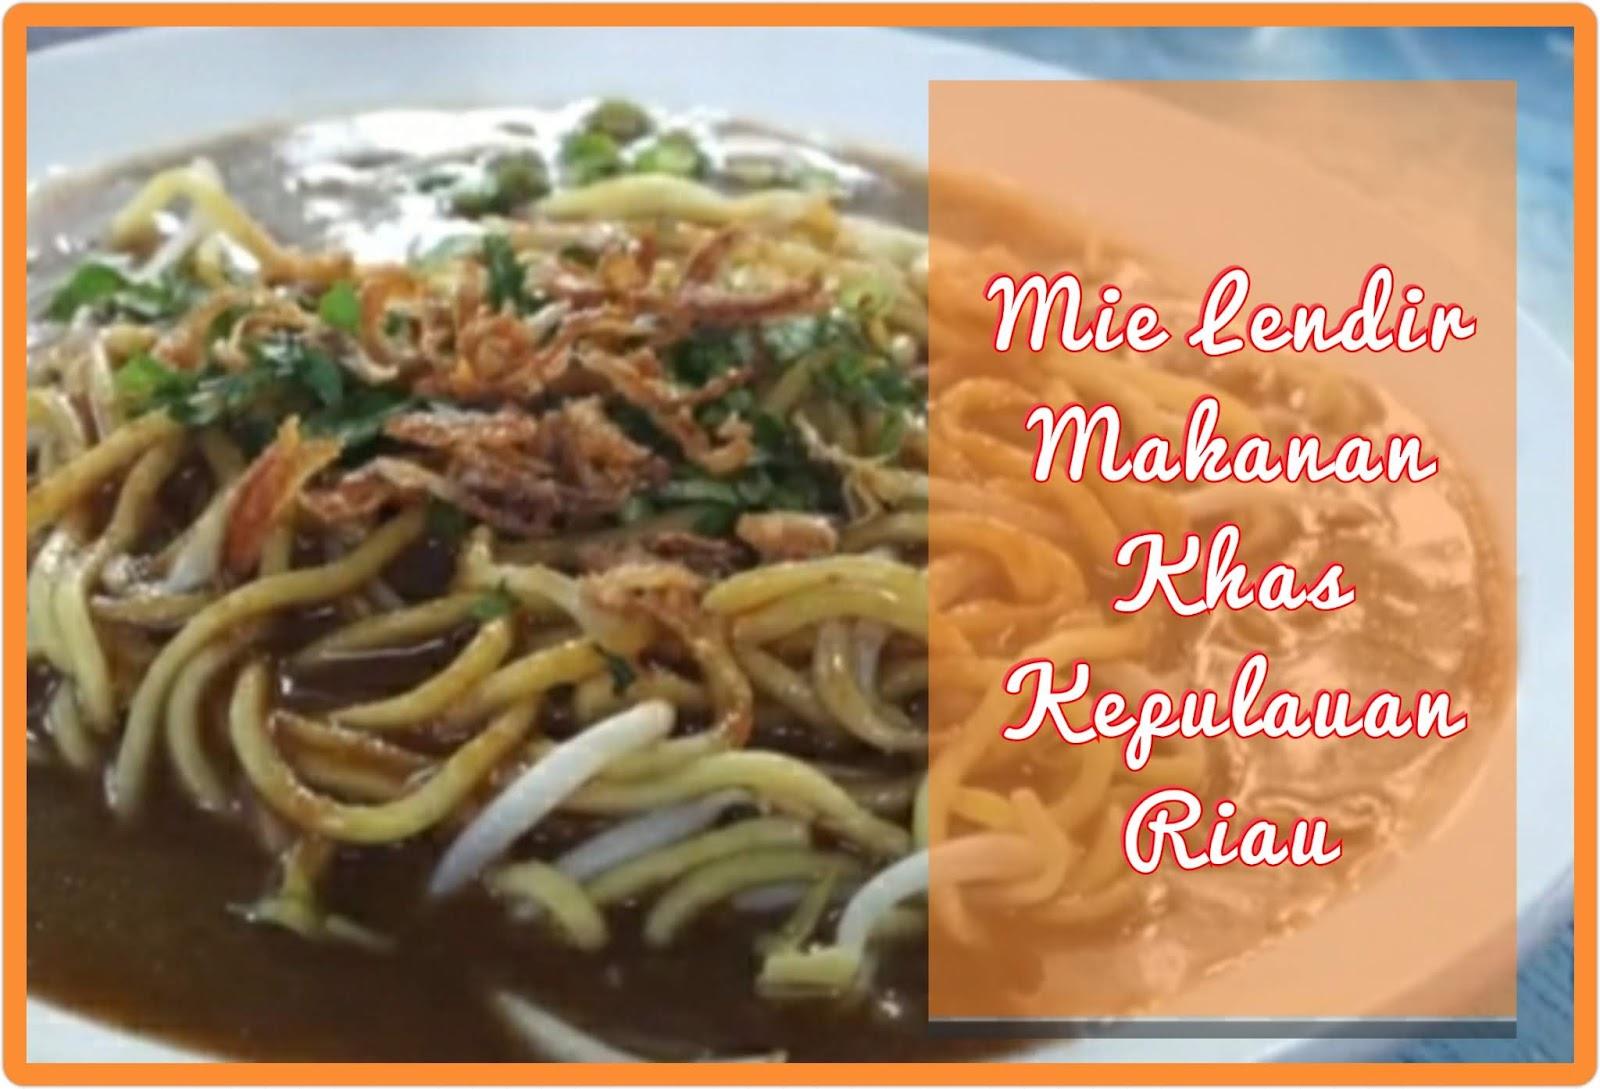 Mie lendir, makanan khas riau, khas Batam, Khas Tanjung Pinang